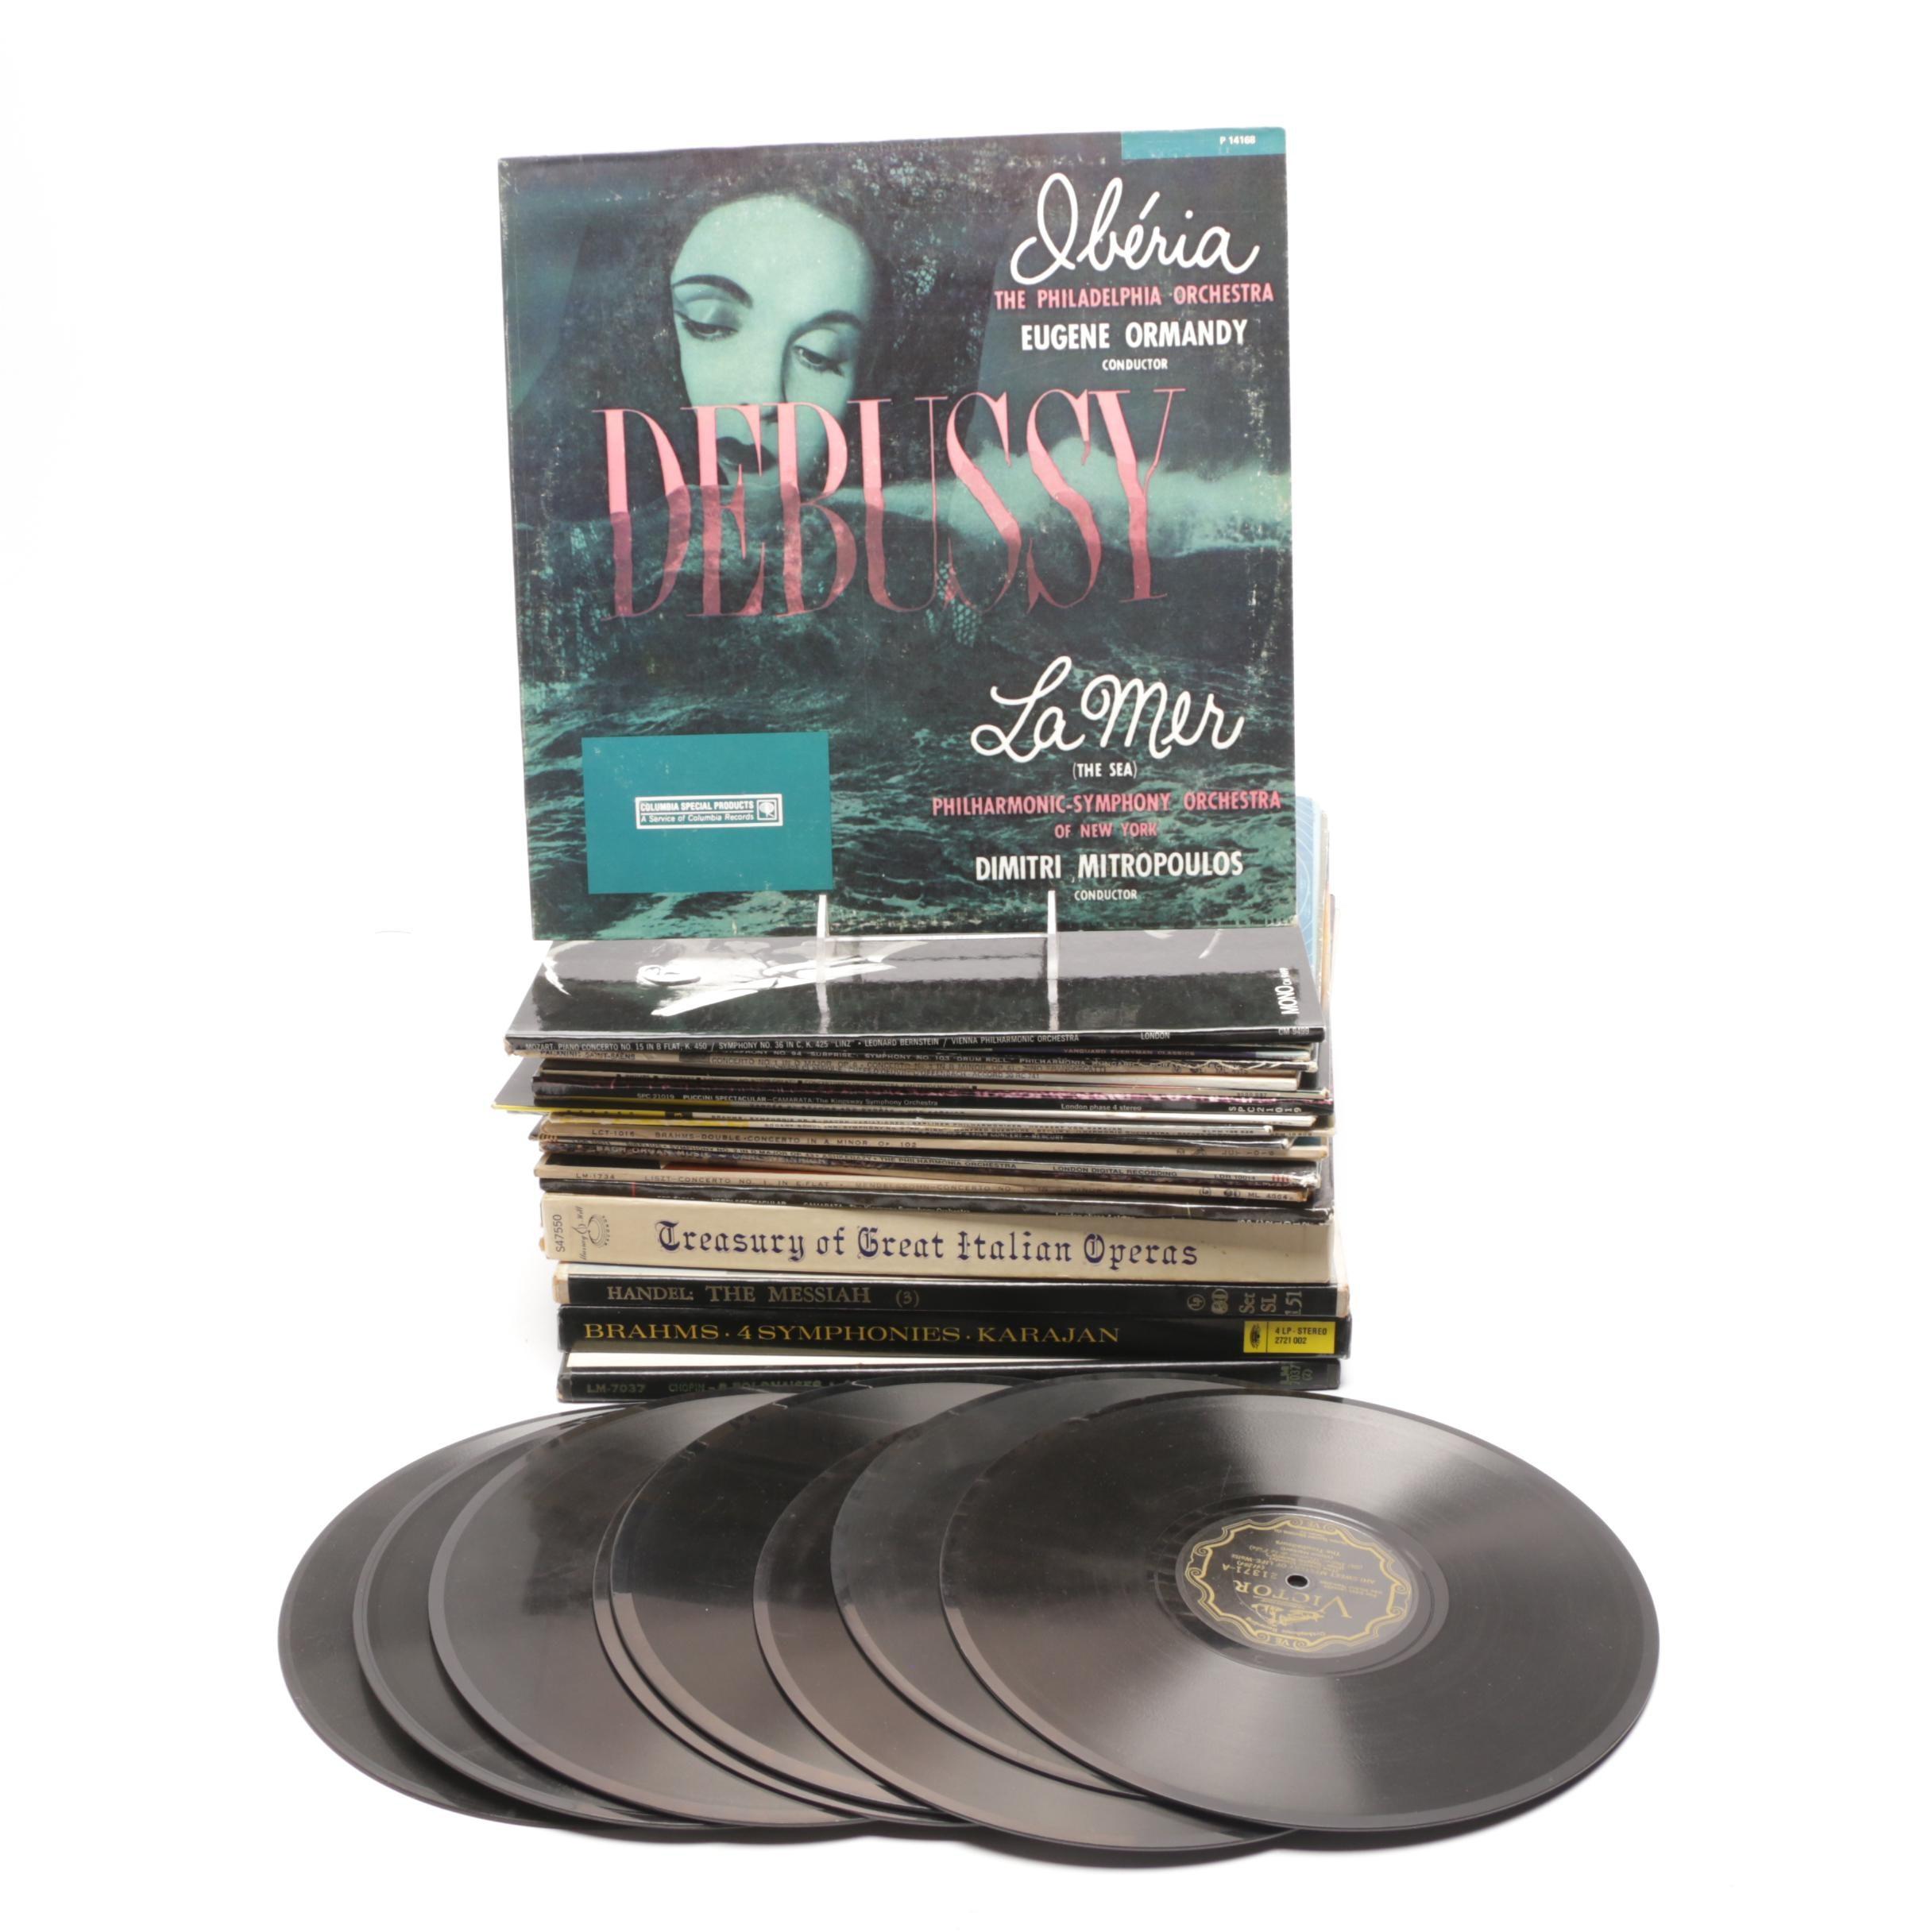 Classical Vinyl Records